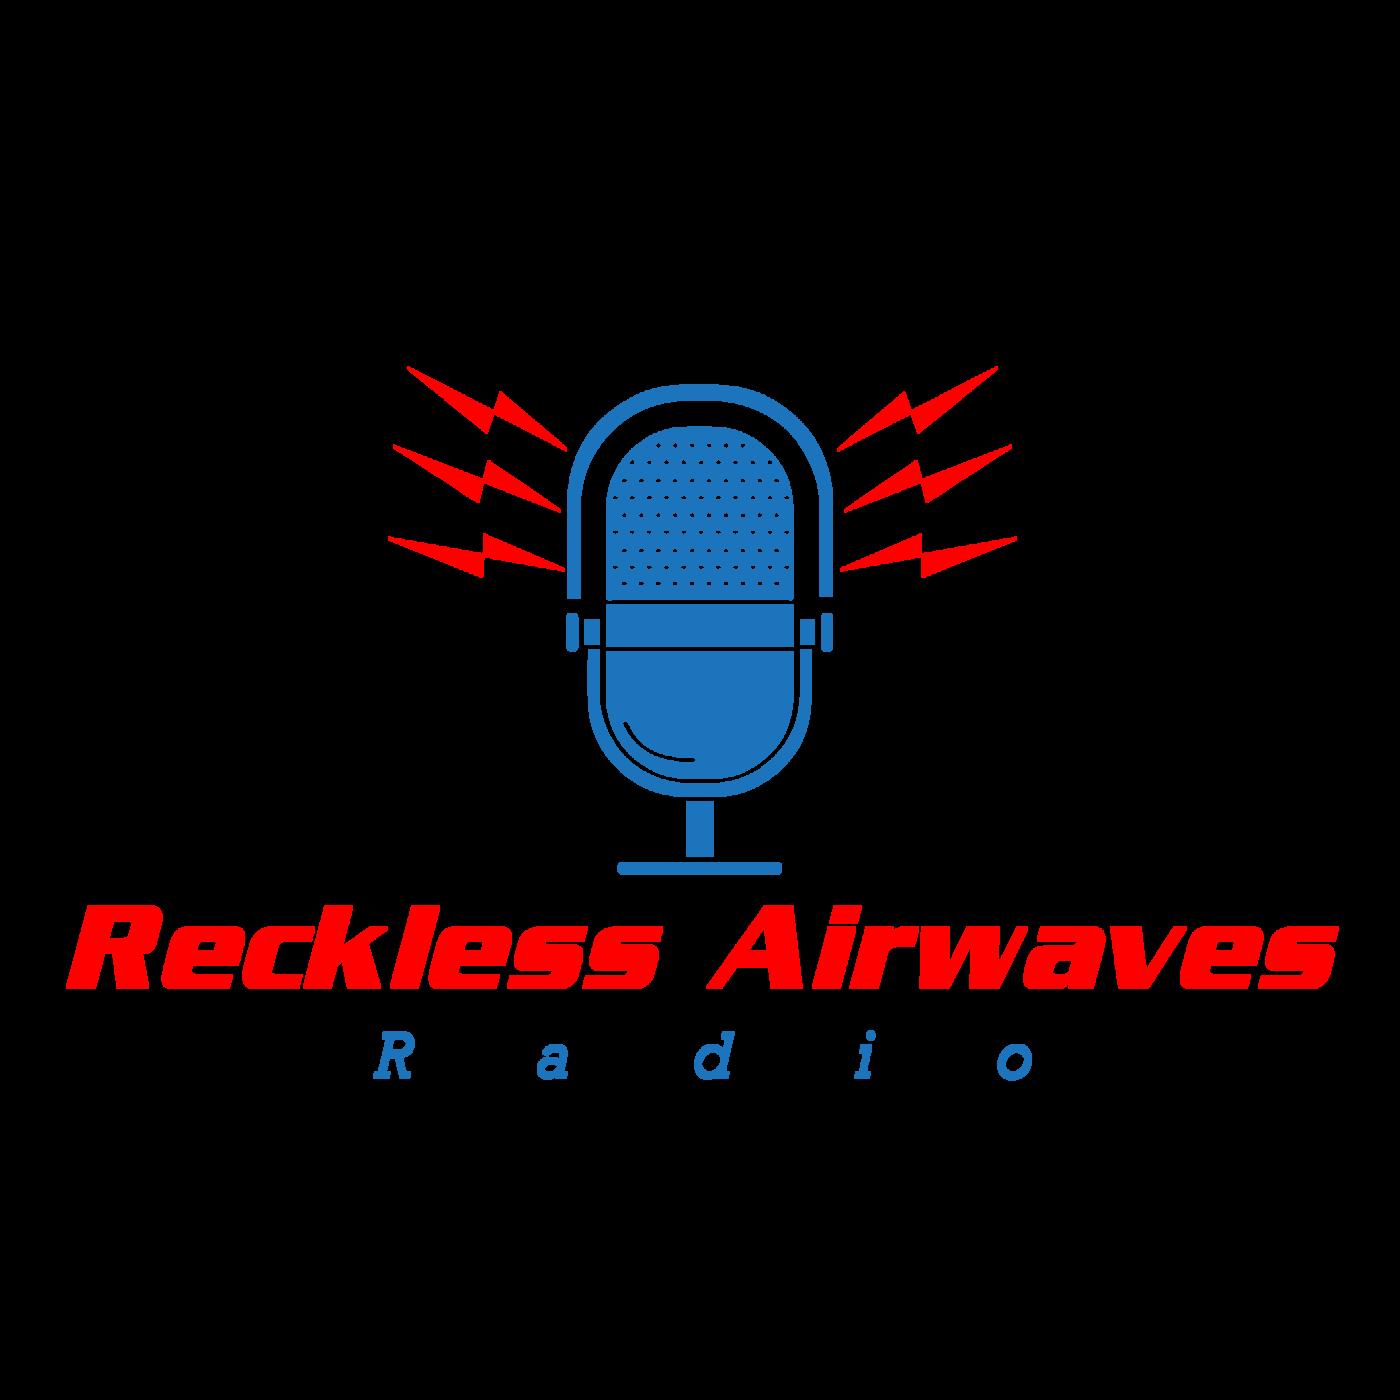 Reckless Airwaves Radio